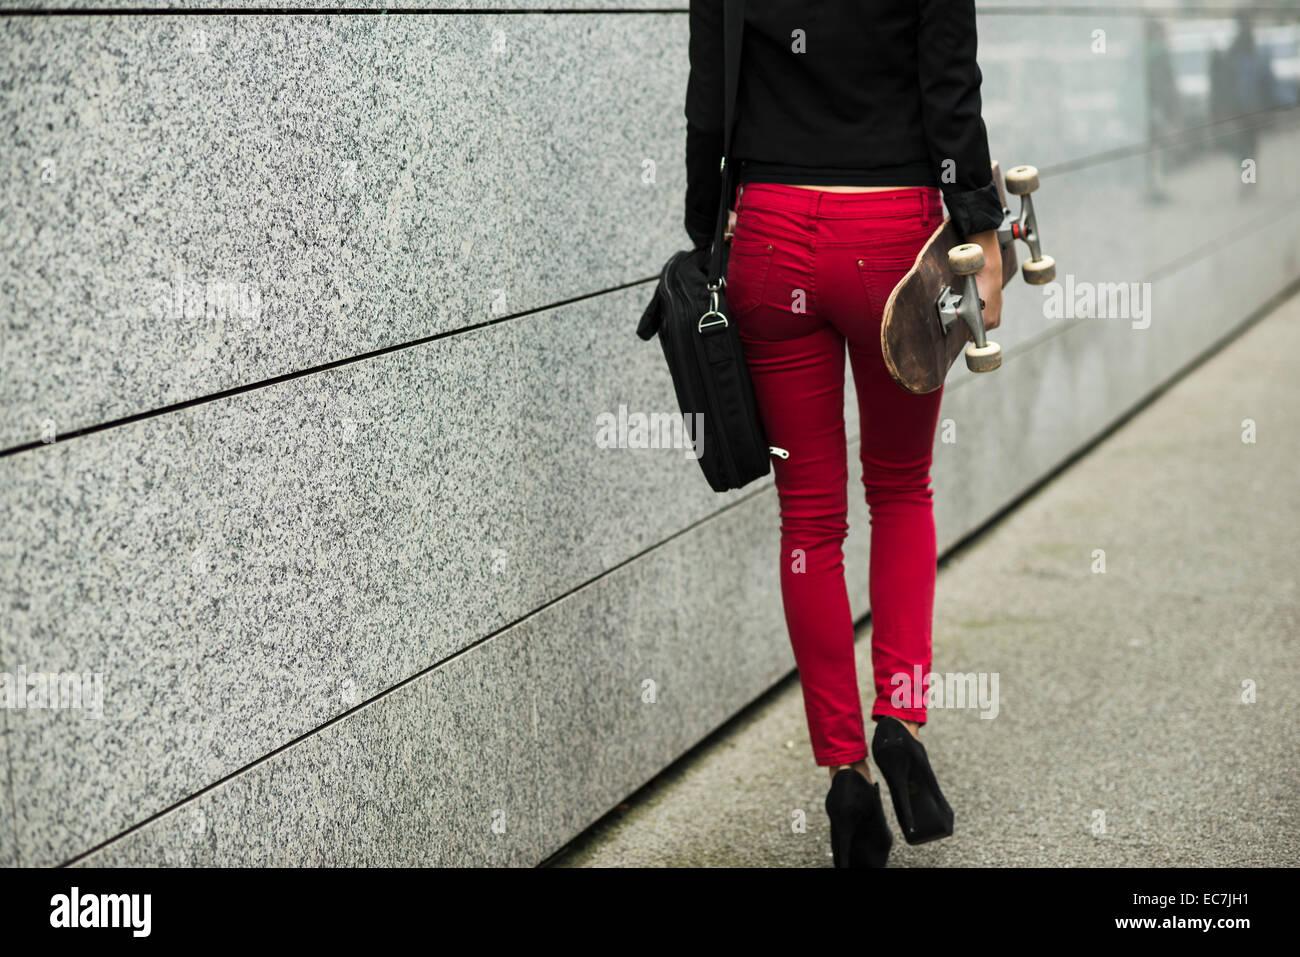 Mujer Joven Con Bolsa Y Skate Pantalones Vestidos De Rojo Vista Parcial Fotografia De Stock Alamy